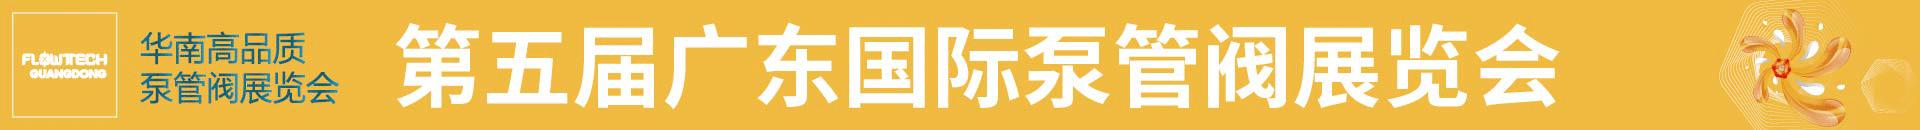 """2020第五届广东国际泵管阀展(简称""""广东泵阀展"""")"""